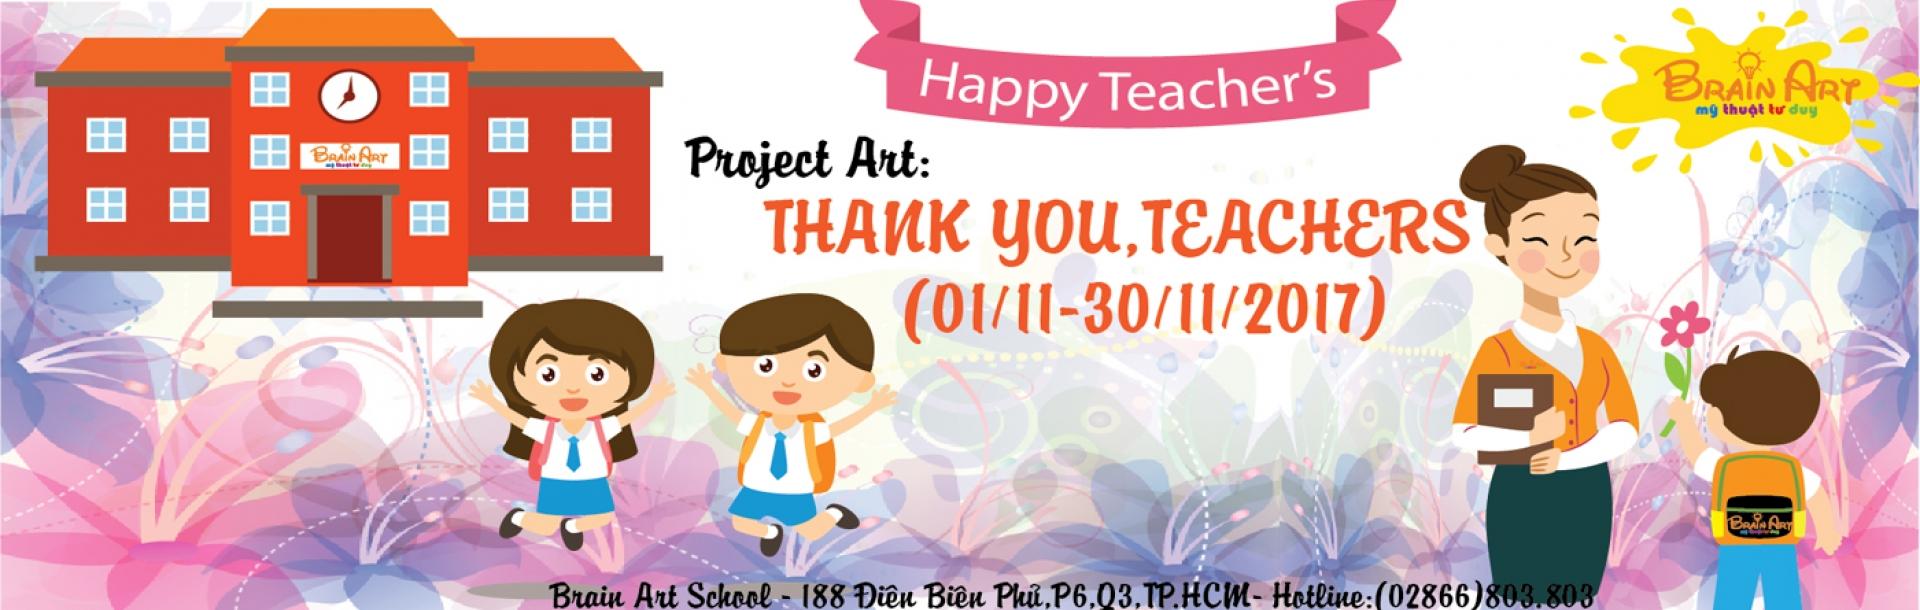 Project Art - Thank you, teachers